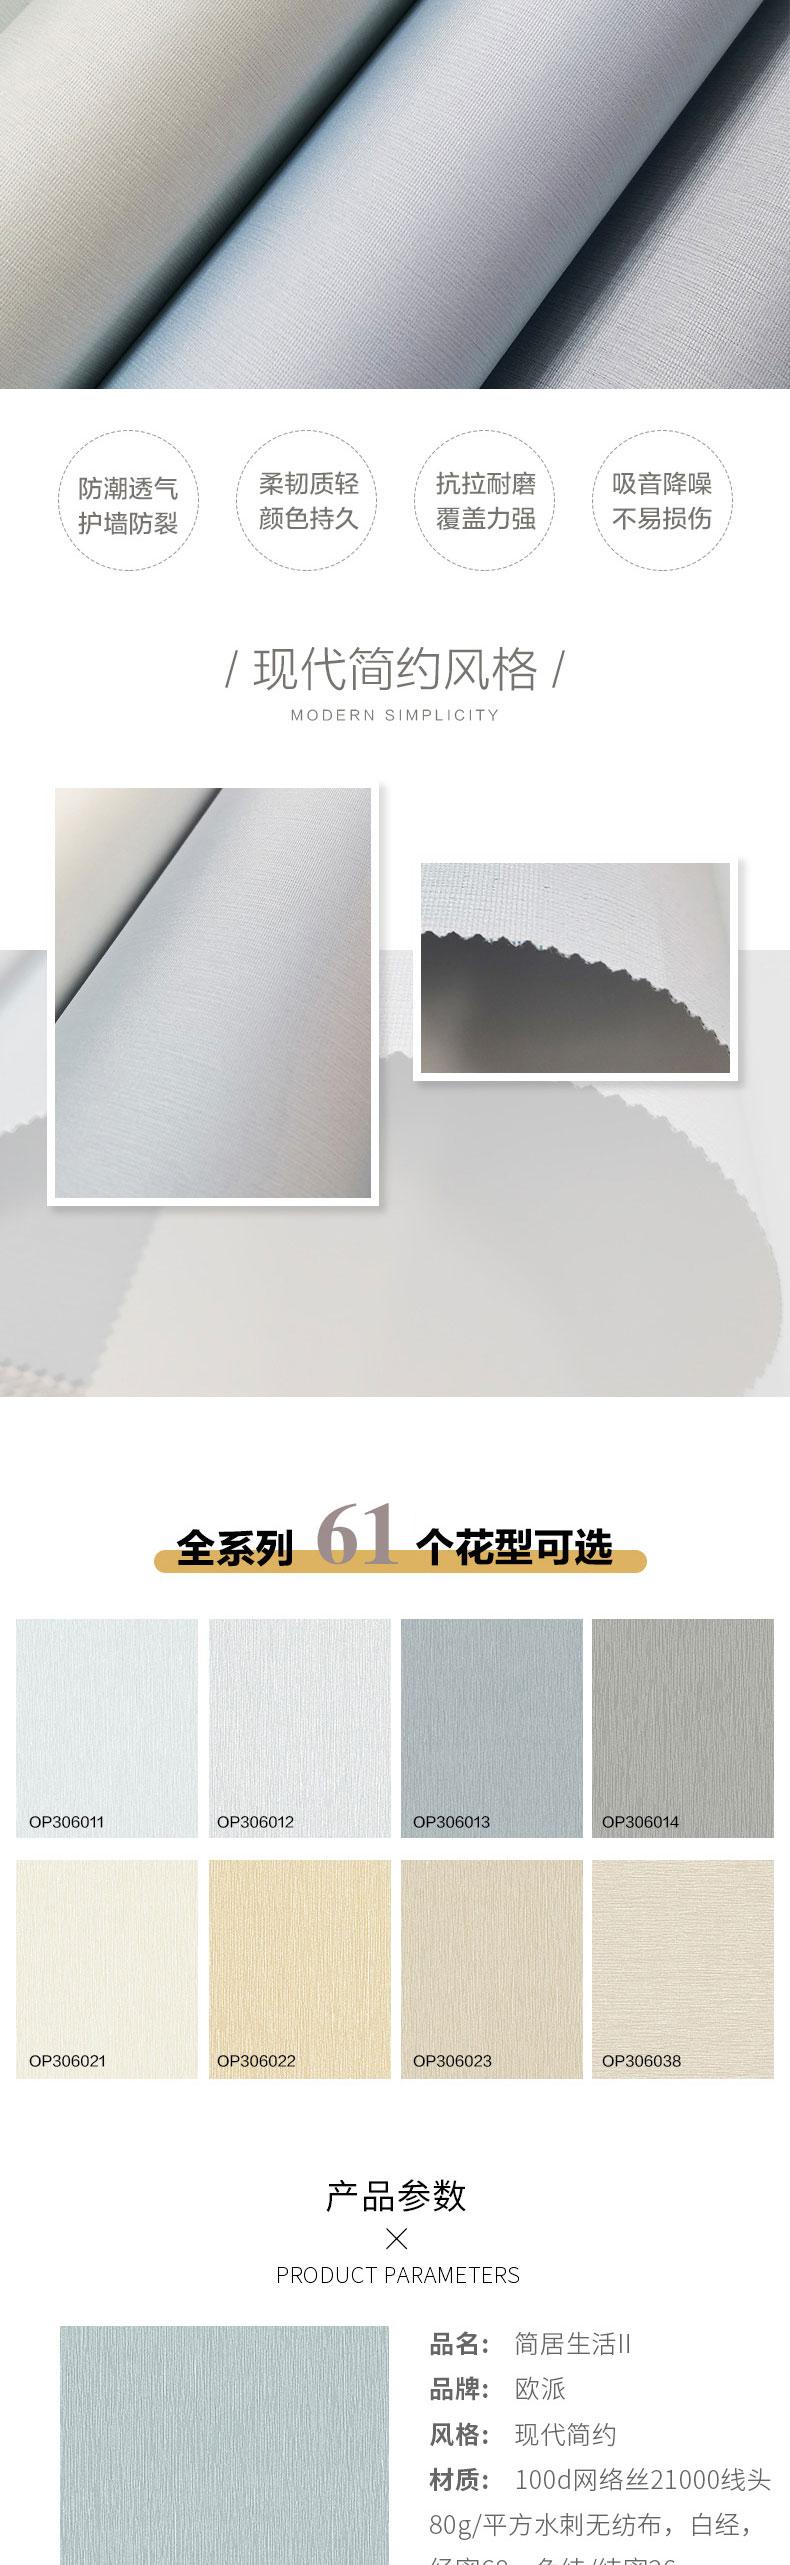 简居生活2-详情页_03.jpg